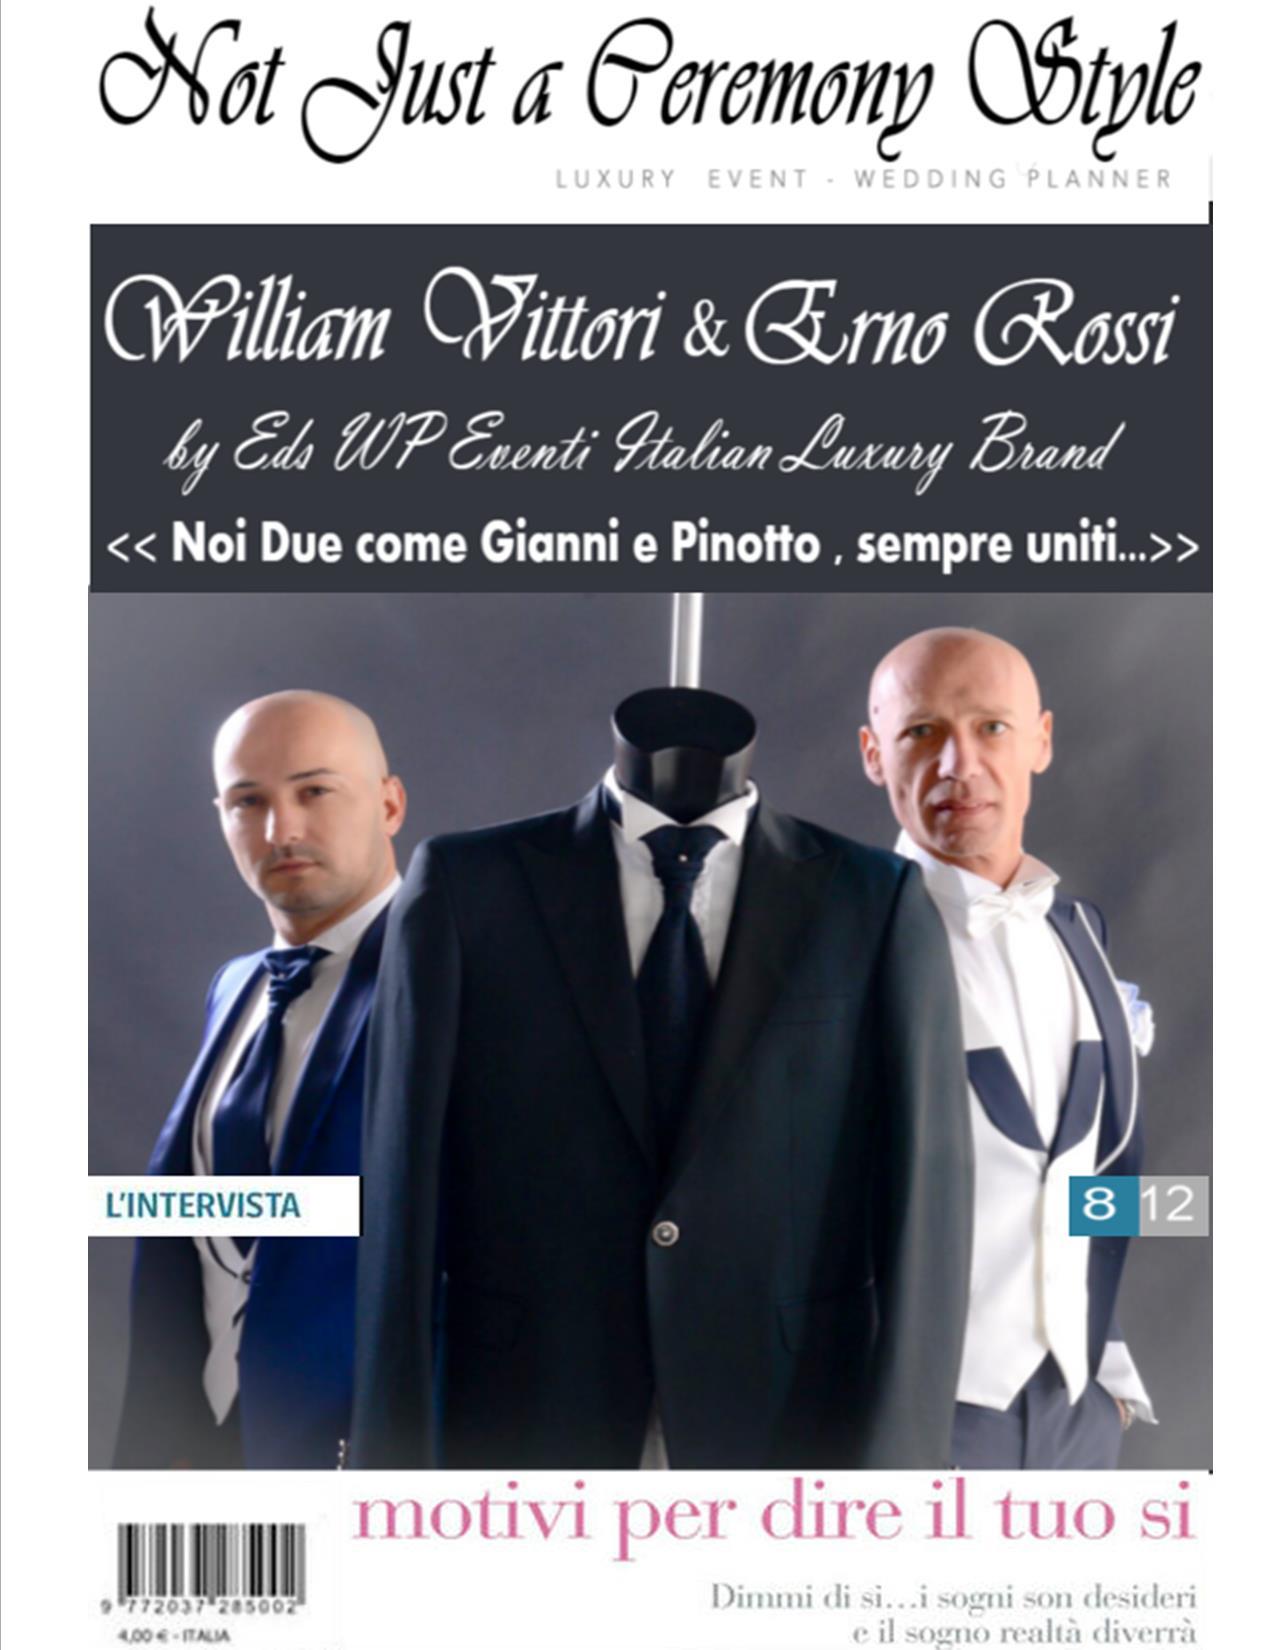 L'intervista esclusiva a William Vittori e Erno Rossi della Eds WP Eventi Italian Luxury Brand... Amici , Soci E NON SOLO...??dove SVELANO tutte le VOSTRE CURIOSITÀ...E NON SOLO...??...??